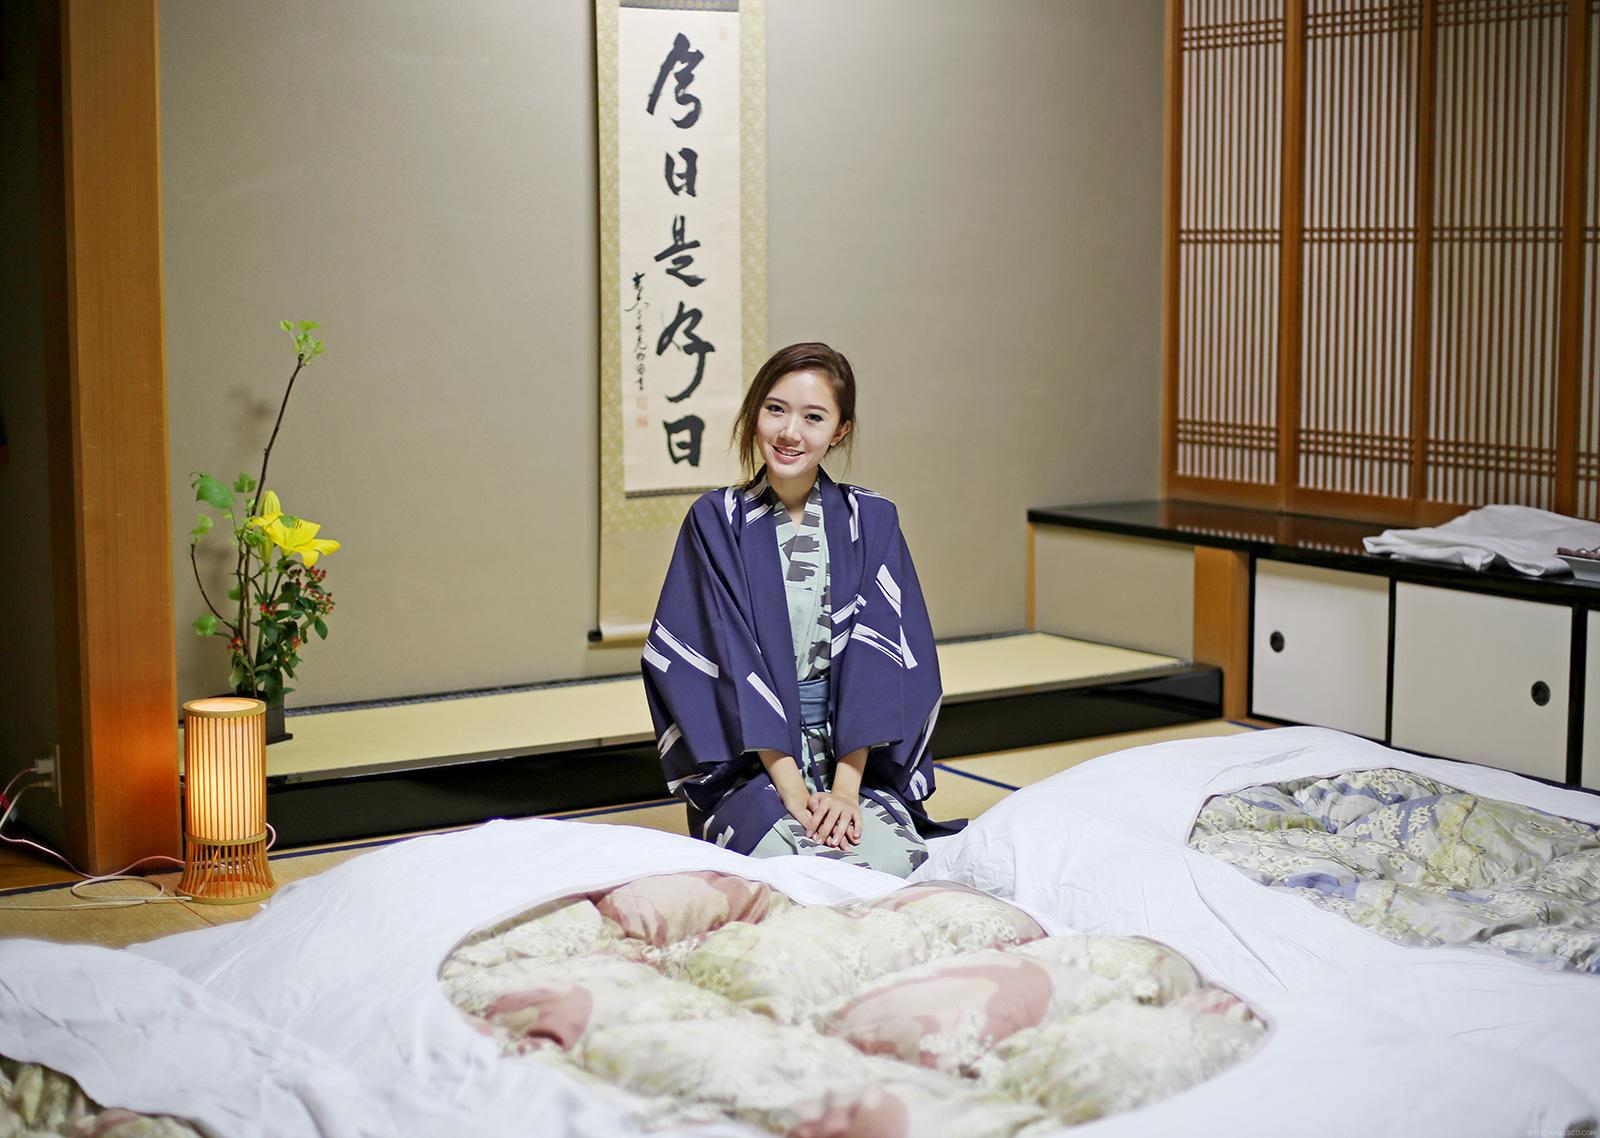 Shiki-Tei Ryokan | www.itscamilleco.com